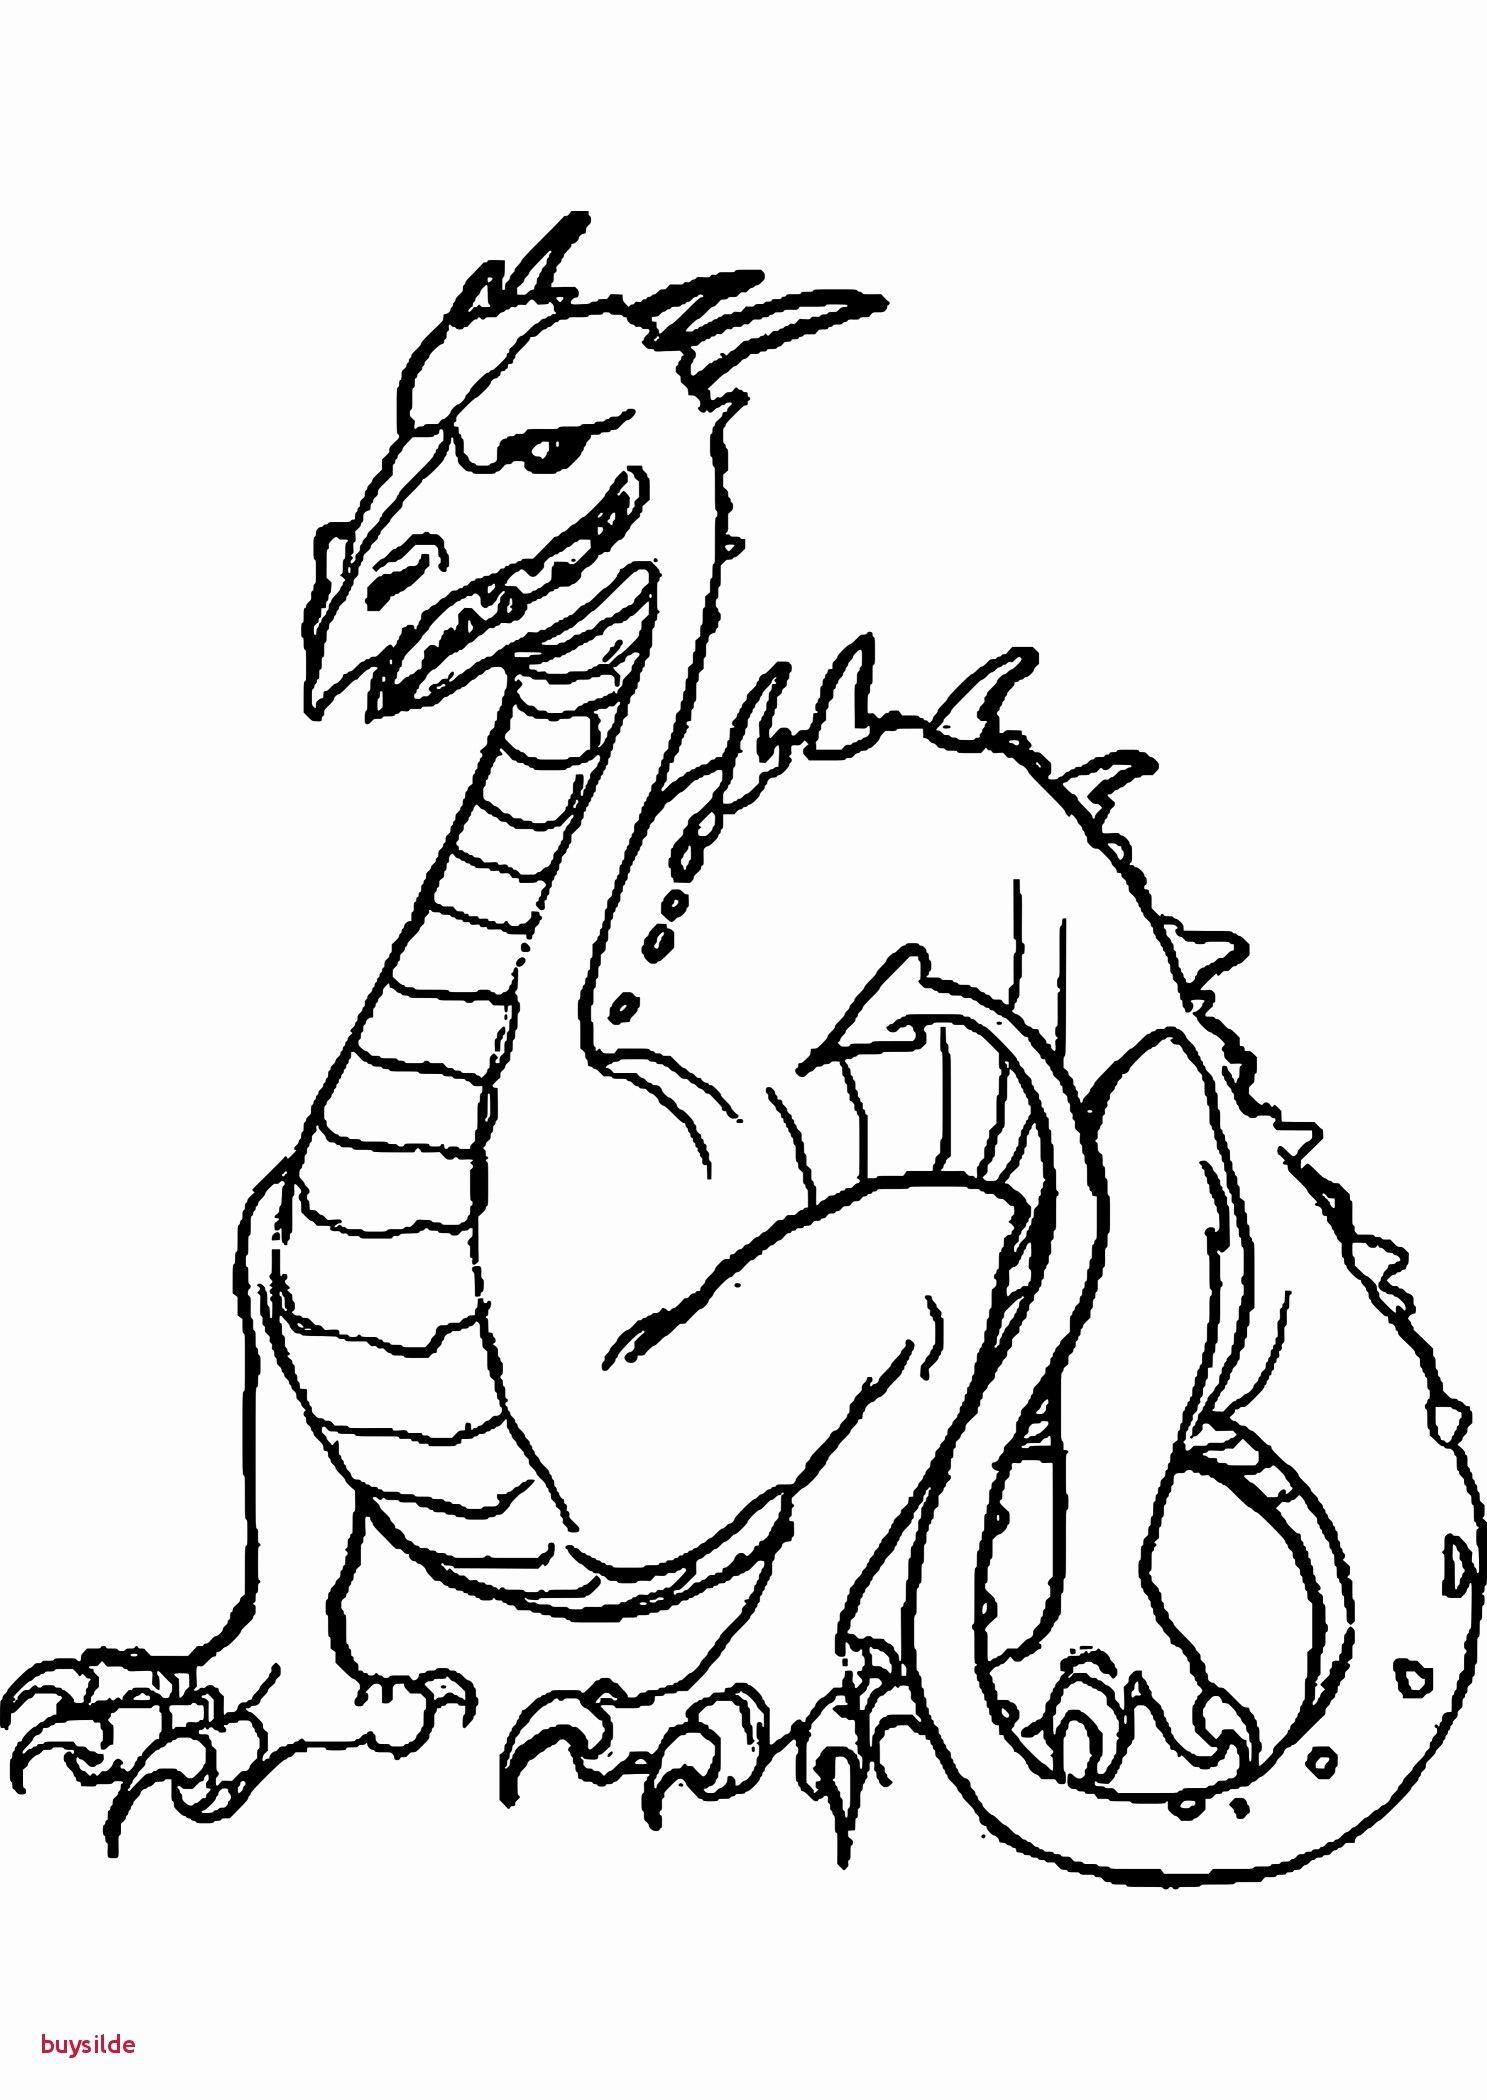 29 Besser Ohnezahn Malvorlage Idee 29  Coloriage dragon